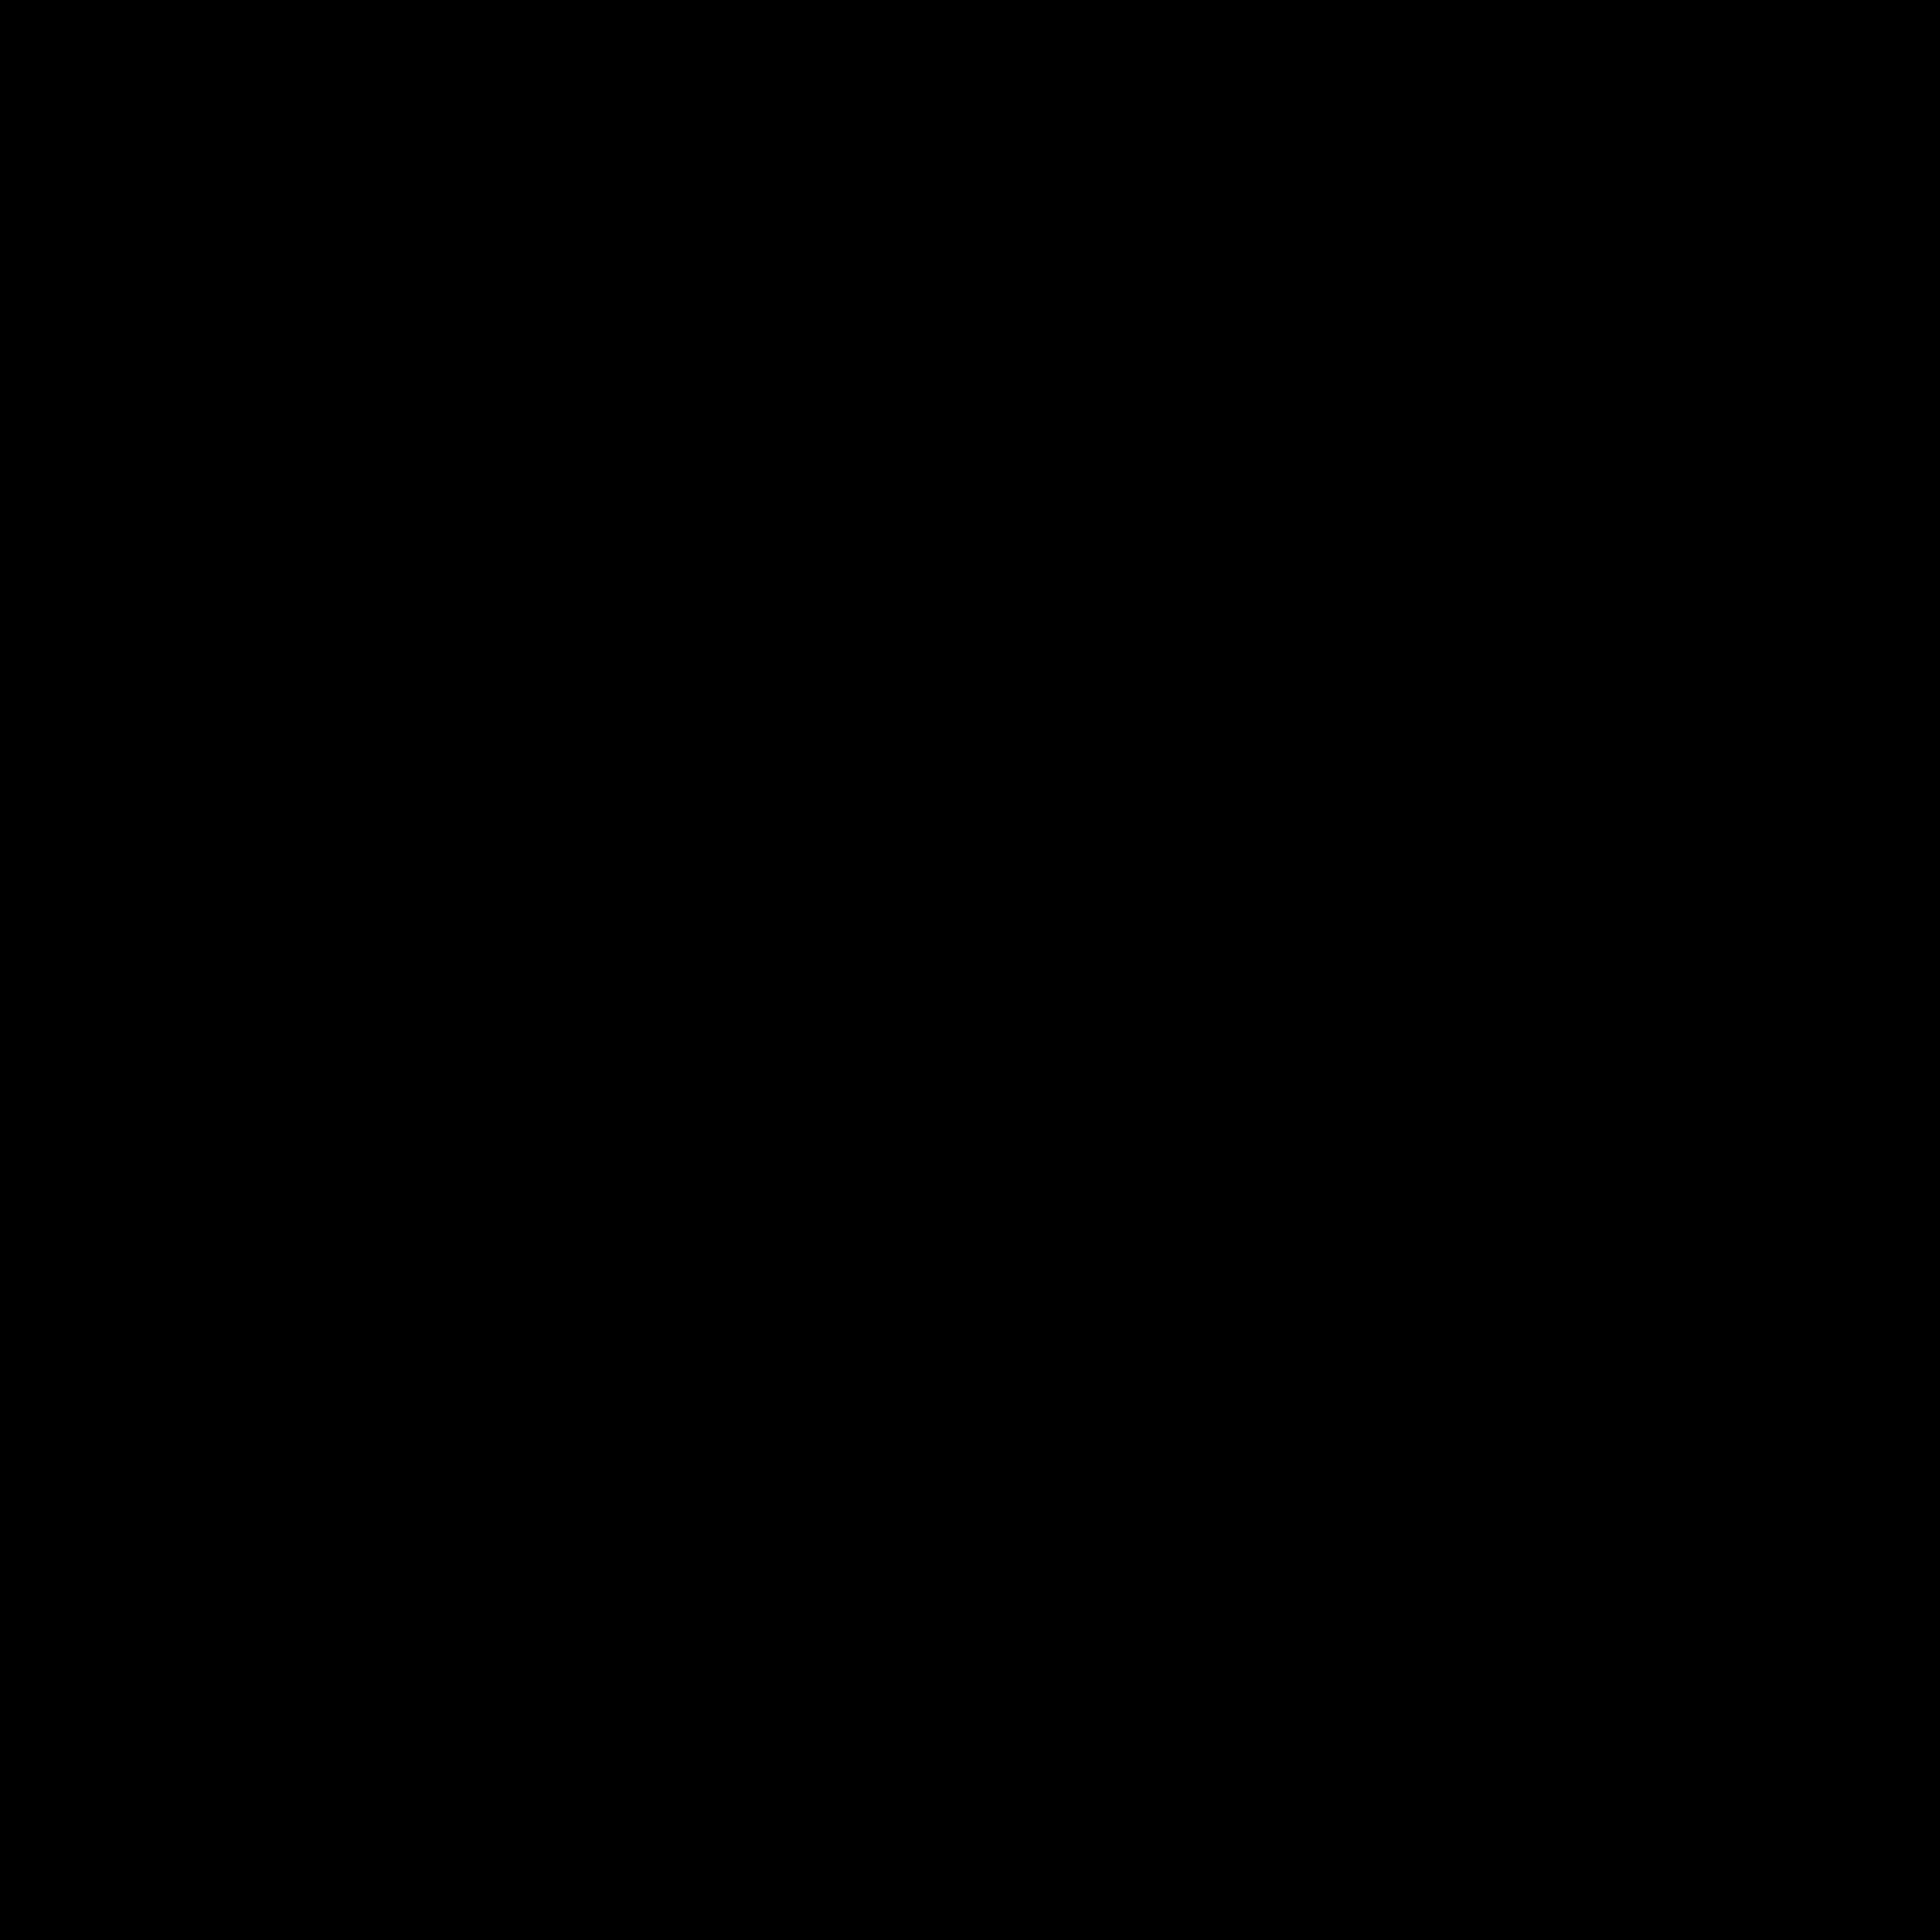 San Diego Medical Waste Services, LLC